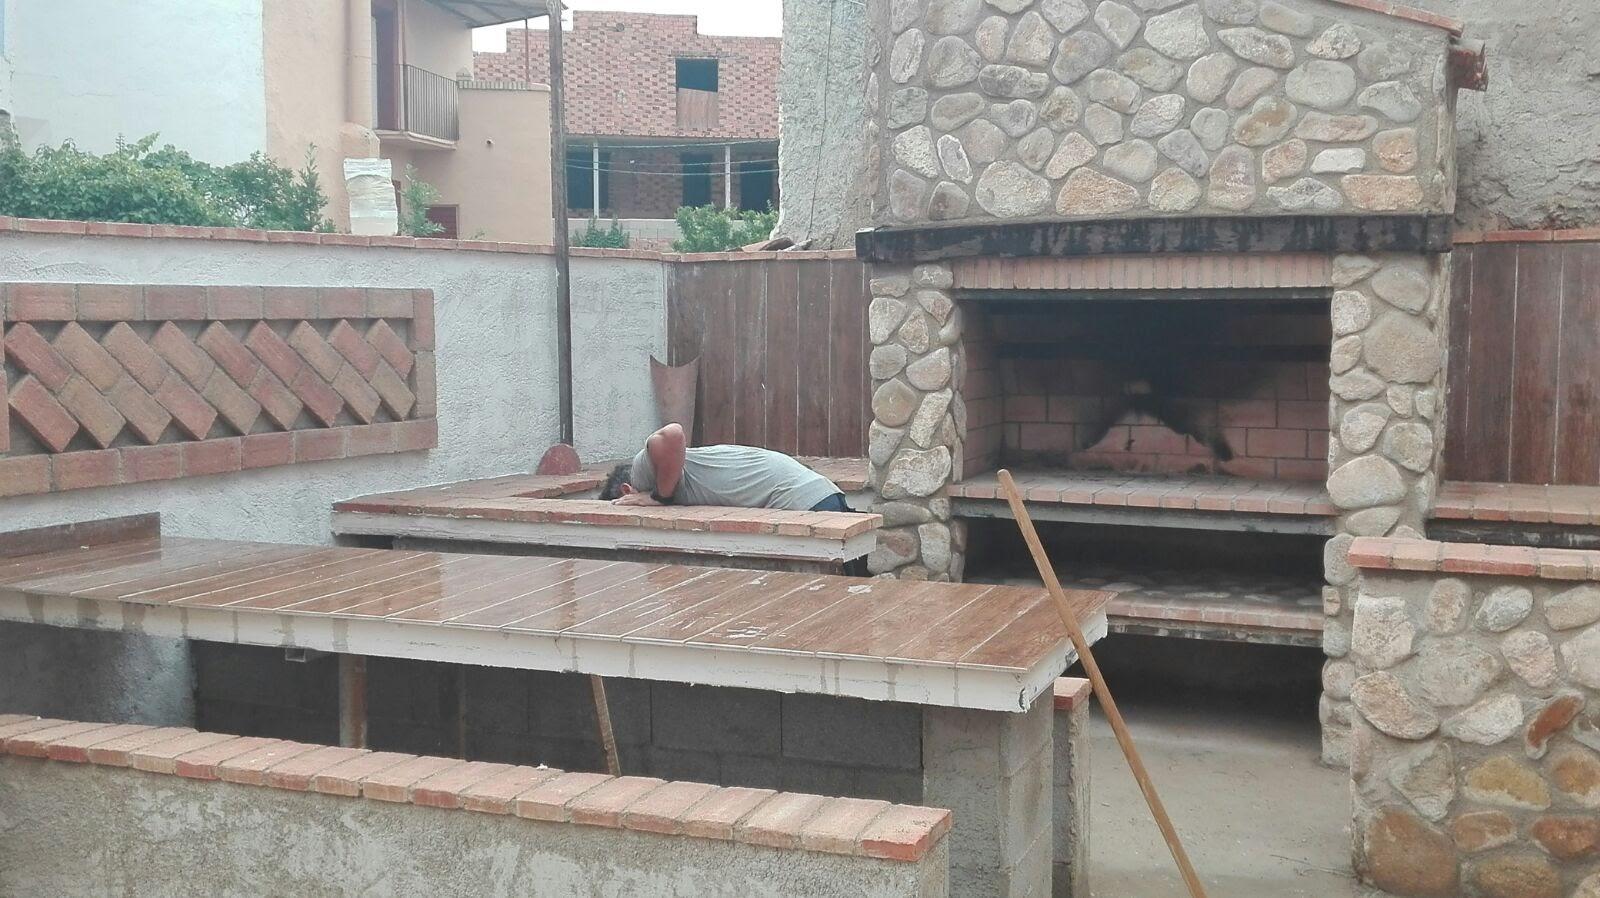 Construcciones y reformas carmelo hernandez octubre 2015 - Construcciones y reformas ...